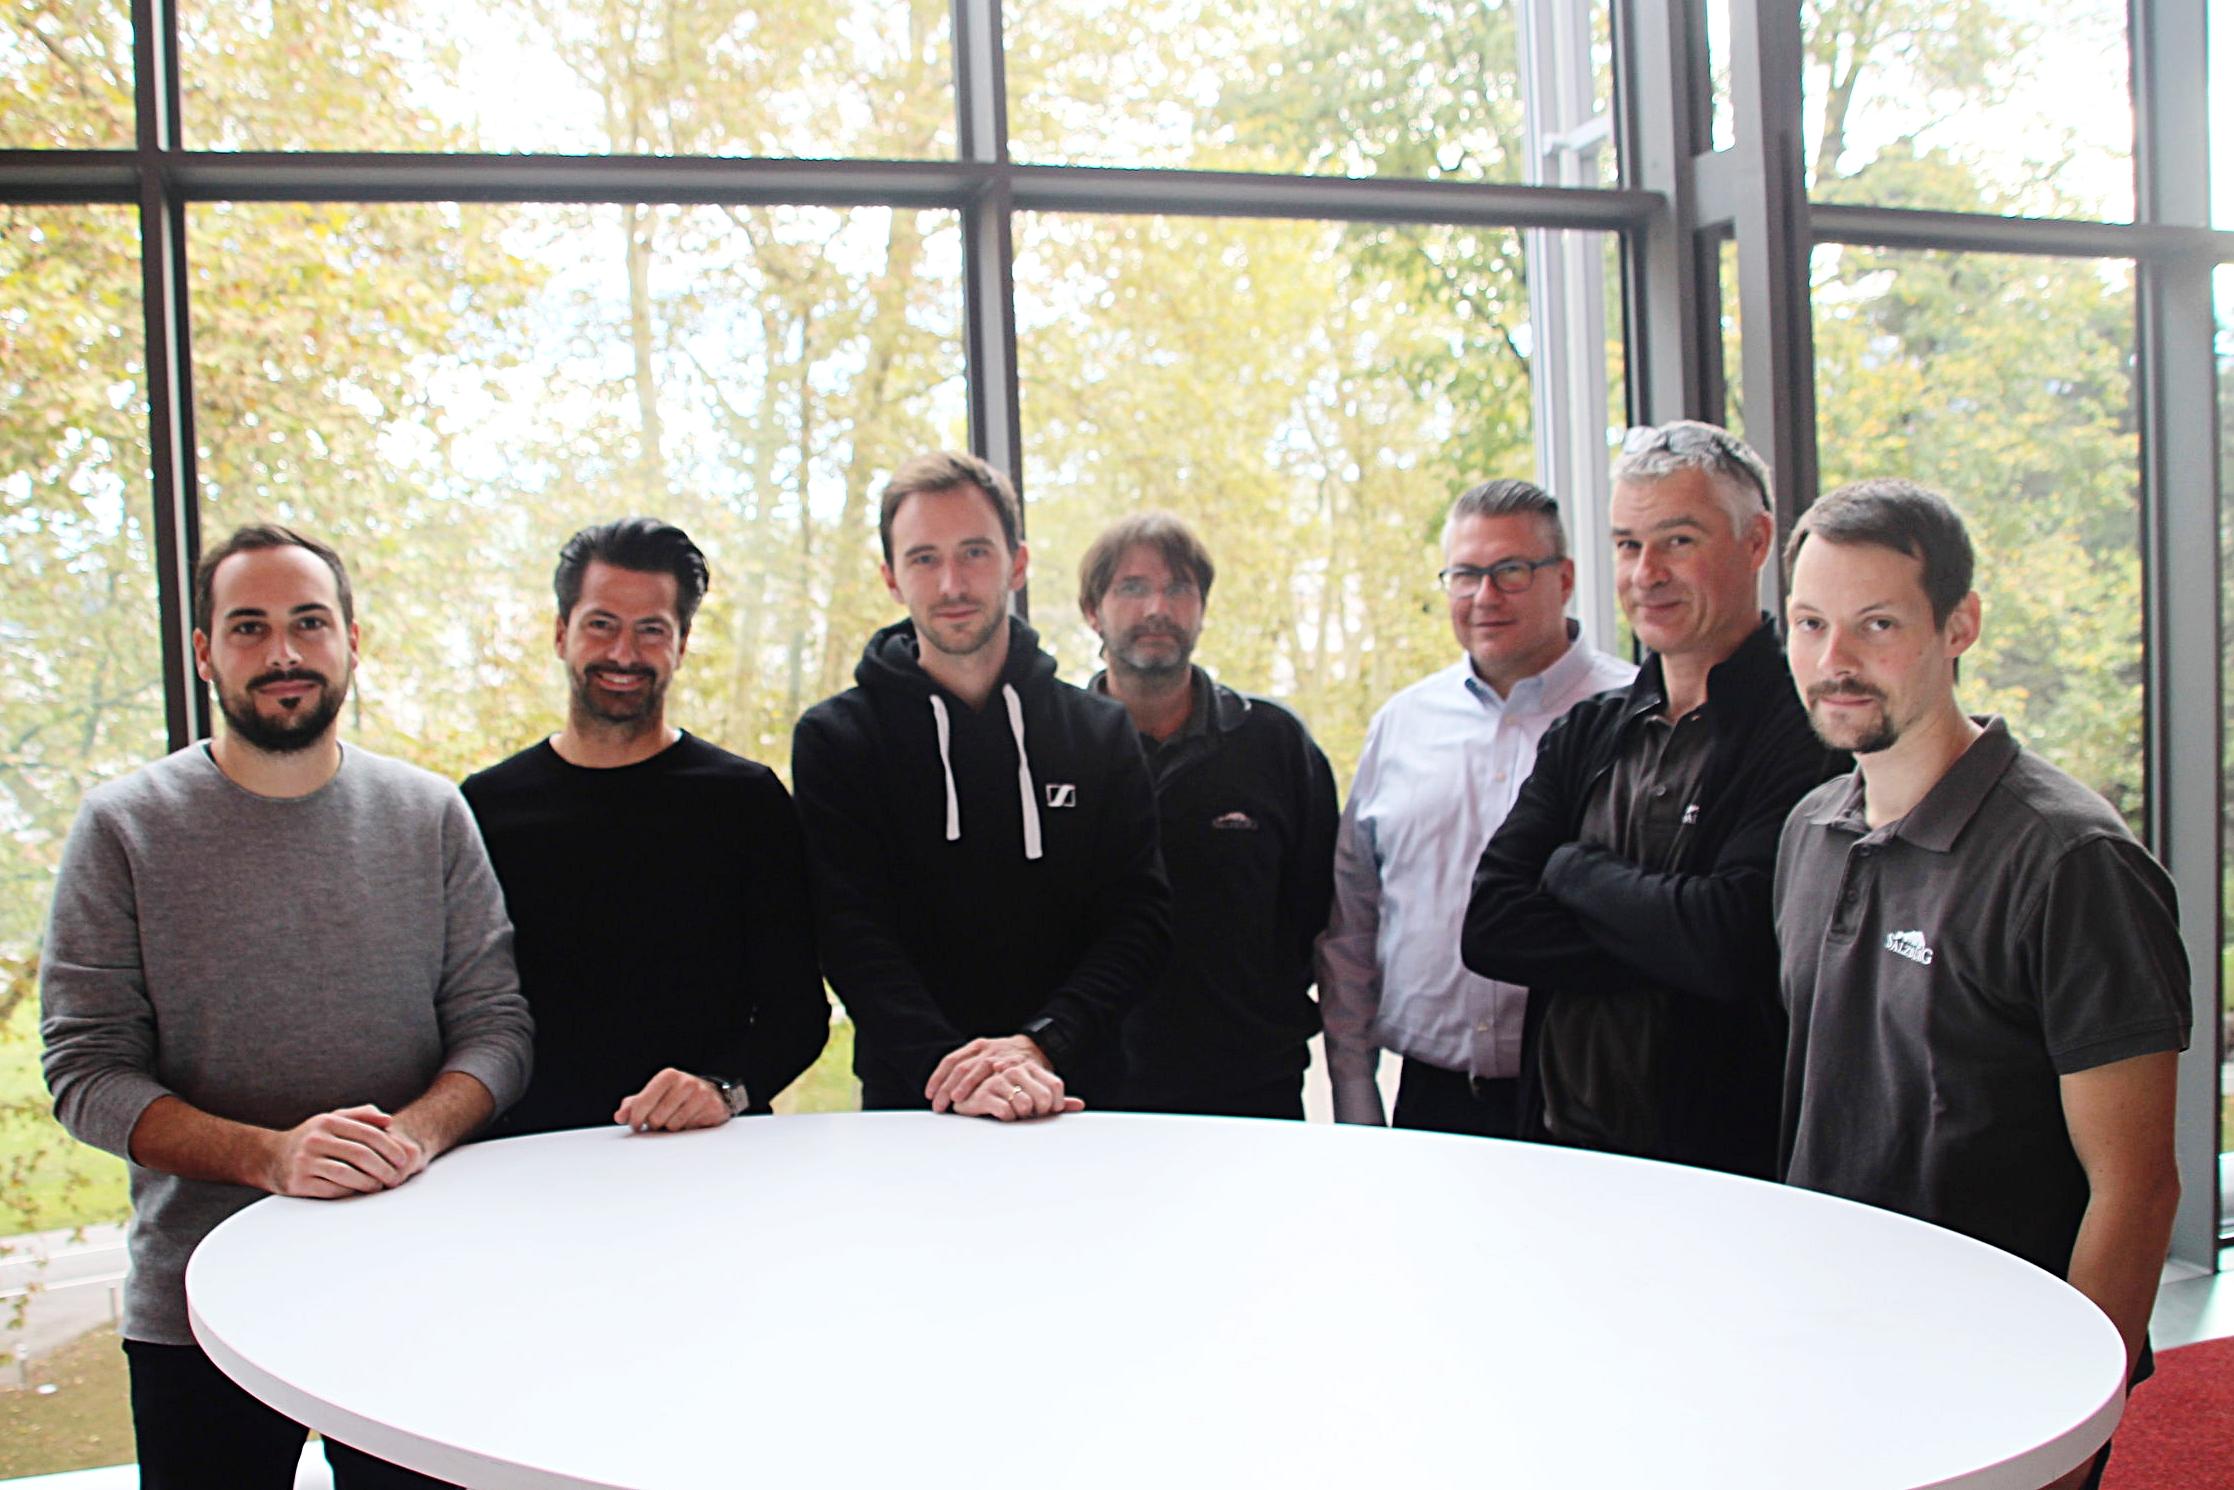 Andreas Scharf (auXala), Robert Hild (Salzburg Congress), Philipp Trojan (Centron), Werner Schnattinger, Silvio Wolf, Renato Vanzini, Thomas Steiglechner (Salzburg Congress)